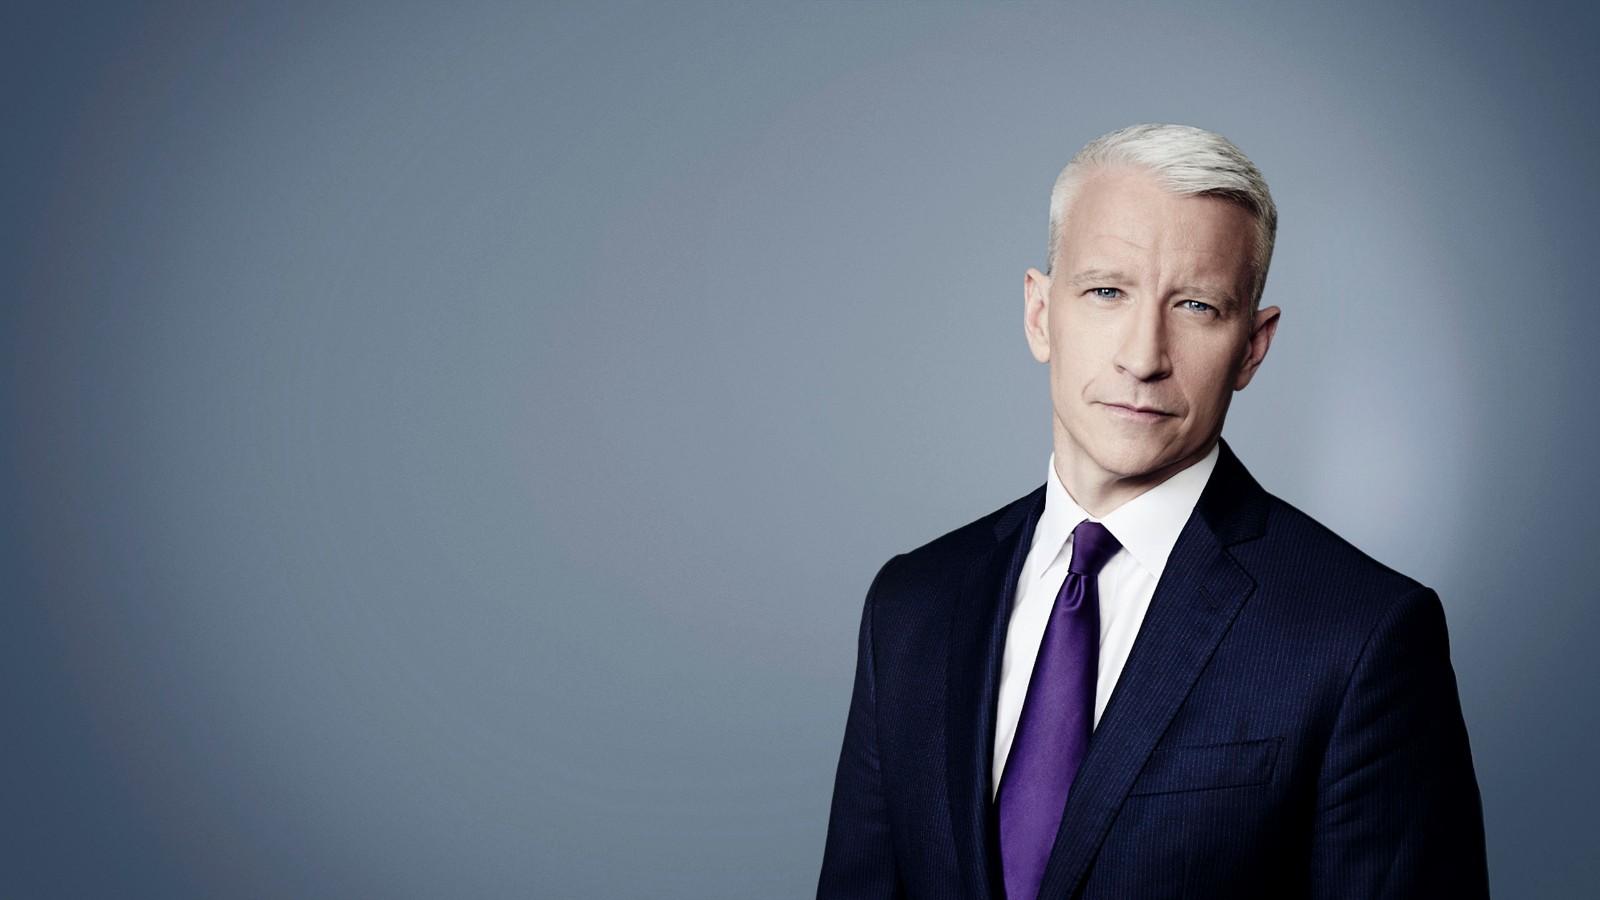 CNN Profiles - Anderson Cooper - CNN anchor - CNN - photo#8